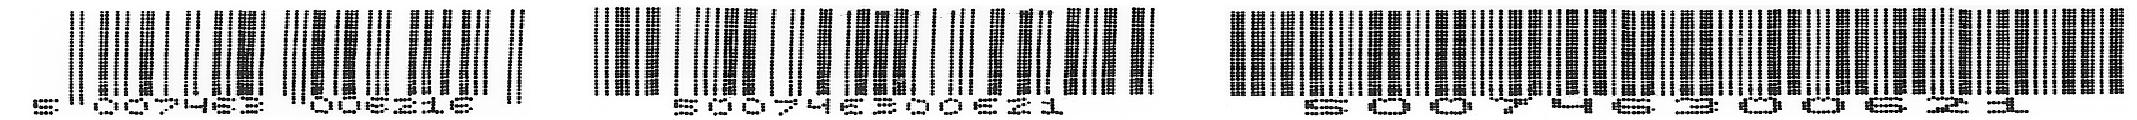 EBS-6800P - paskowe EBS-6800P